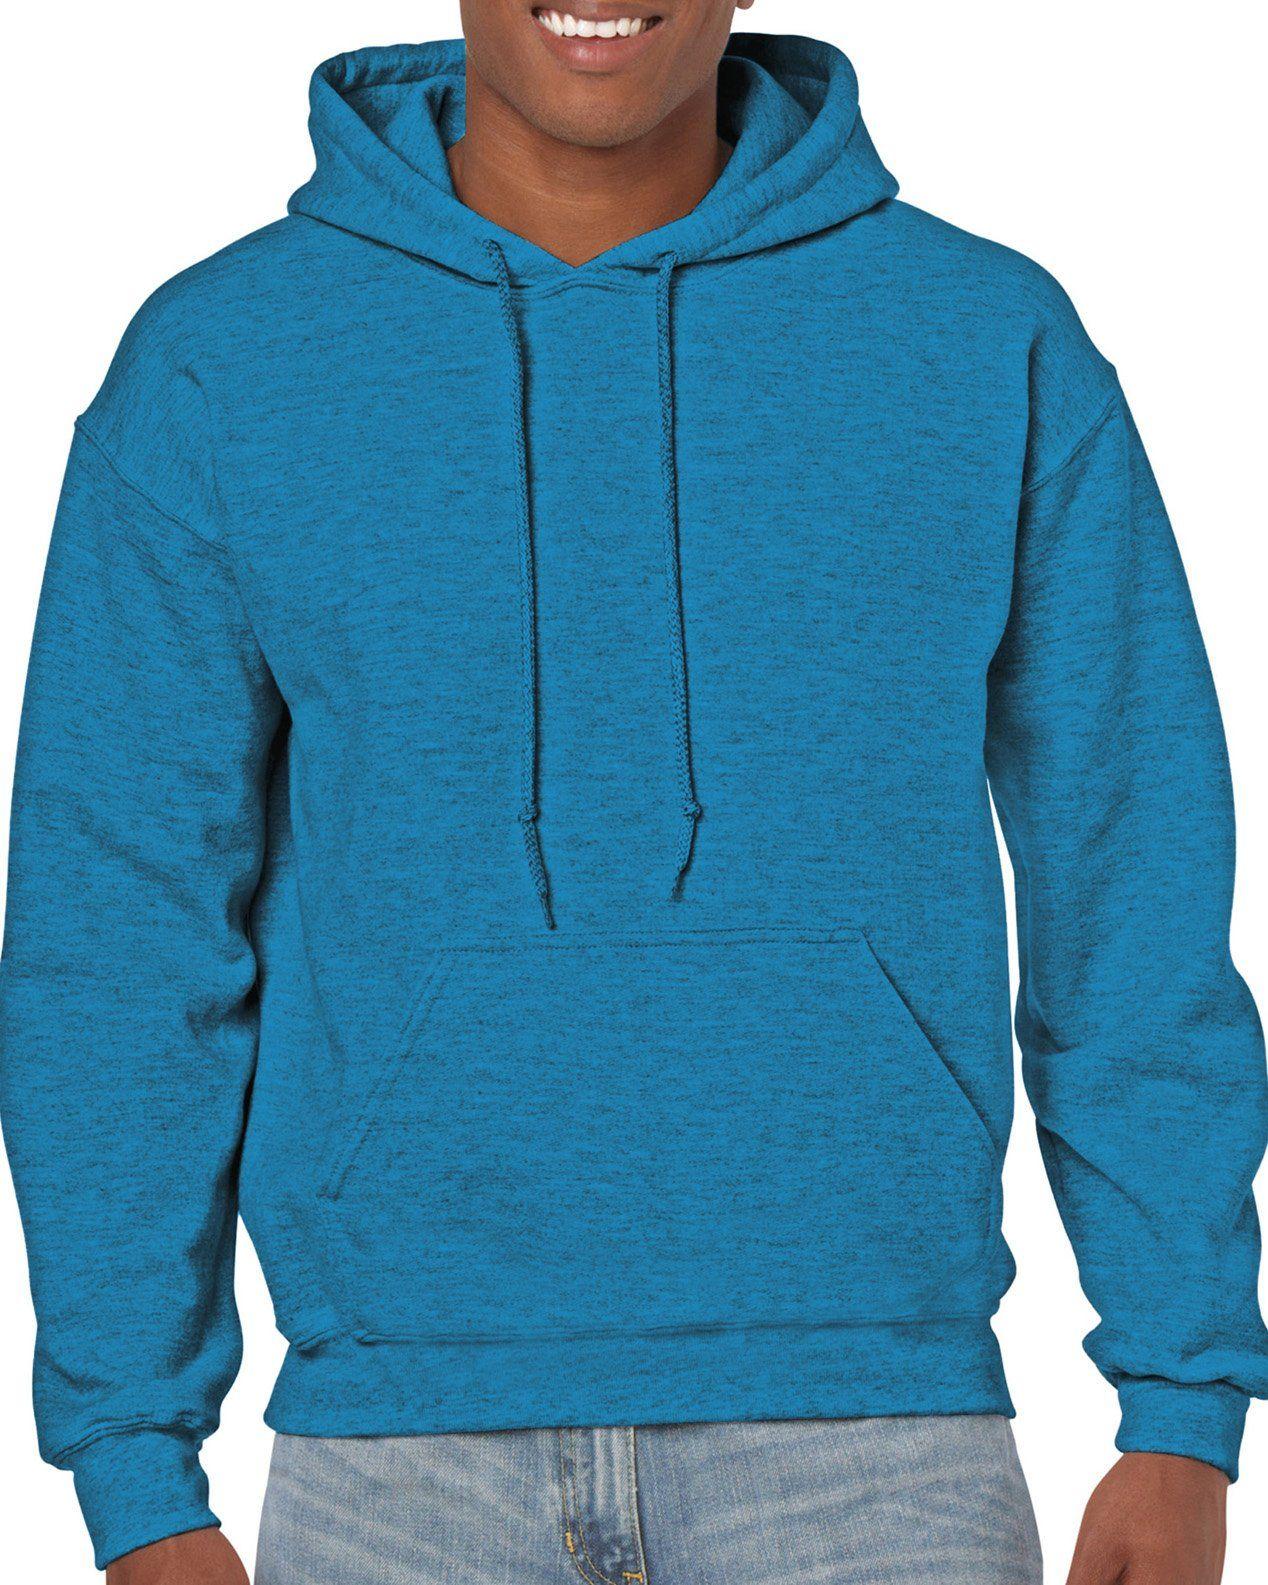 Outdoor You Should Know Hooded Sweatshirts Fleece Hooded Sweatshirt Pullover Men [ 1585 x 1268 Pixel ]